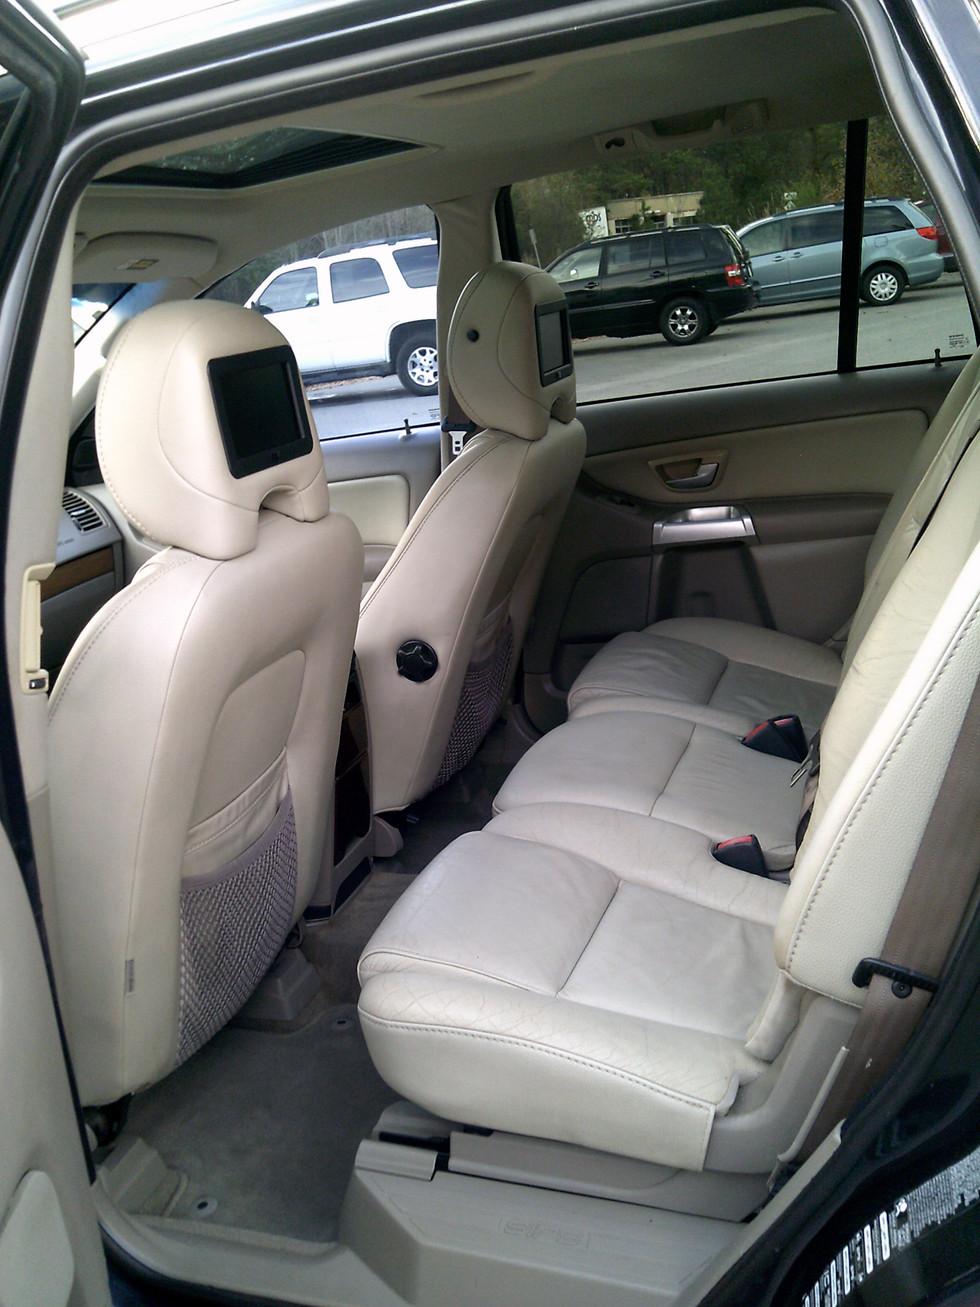 2005 Volvo XC90 (13)